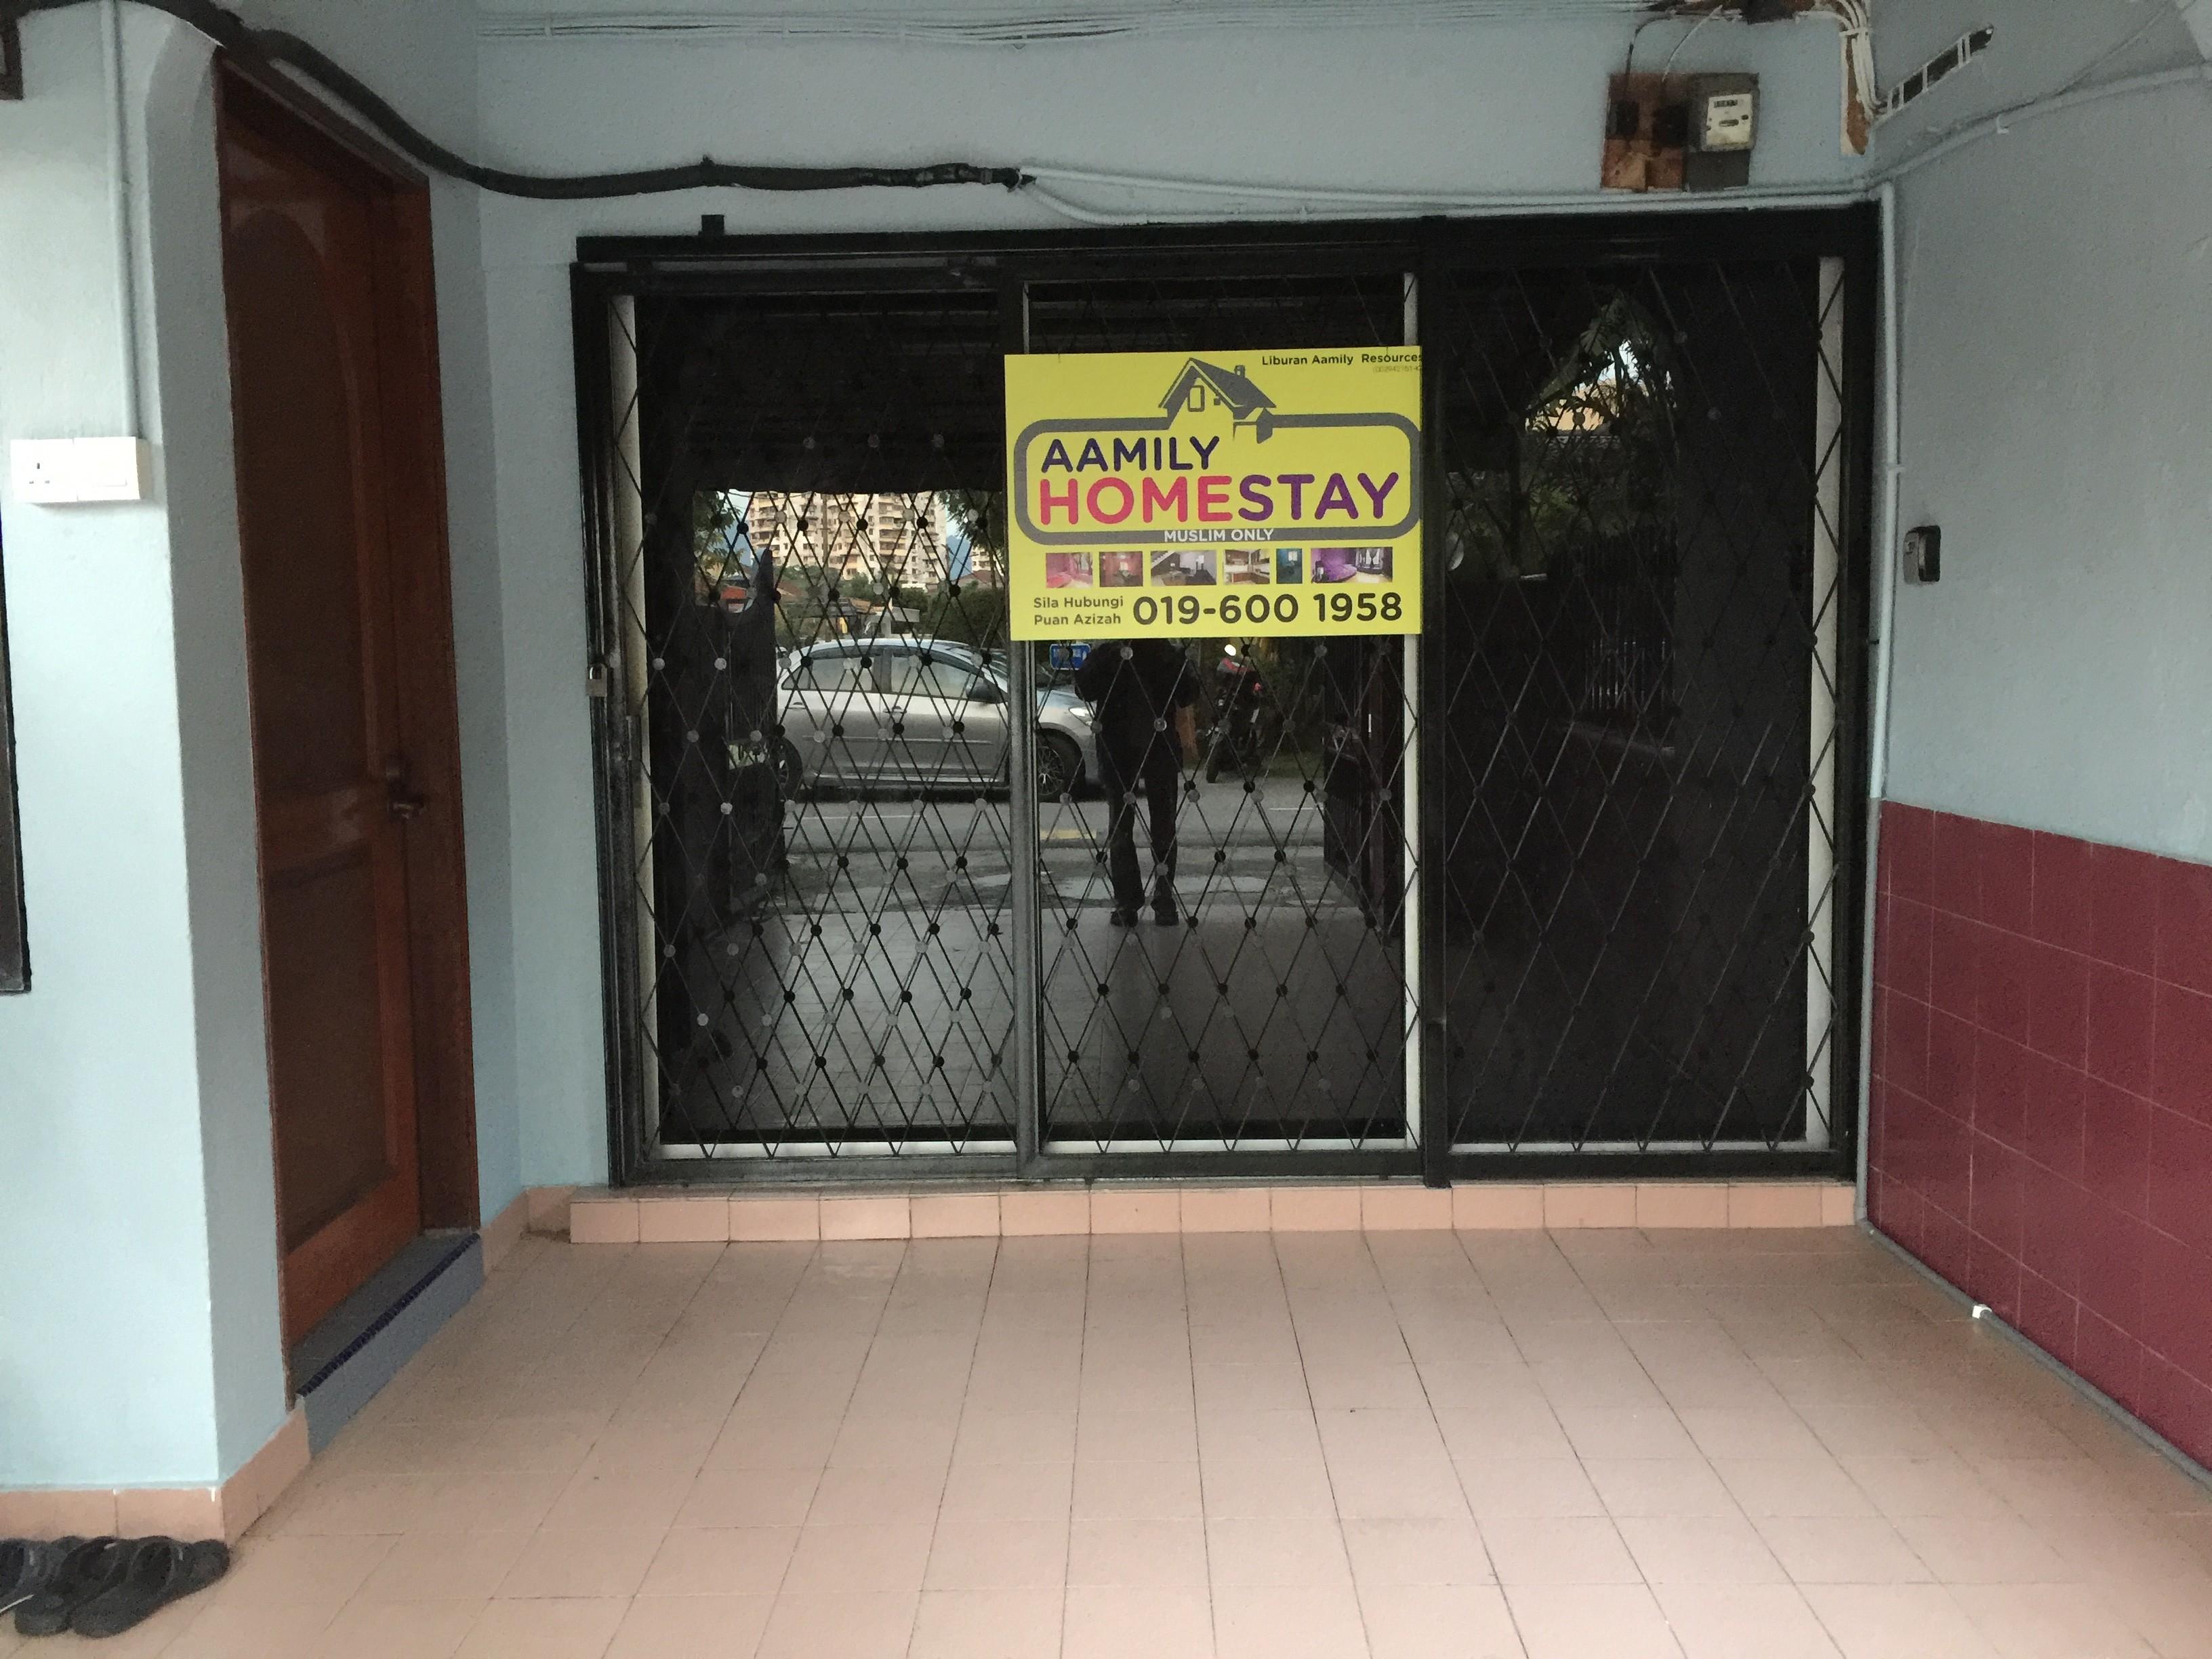 Aamily homestay